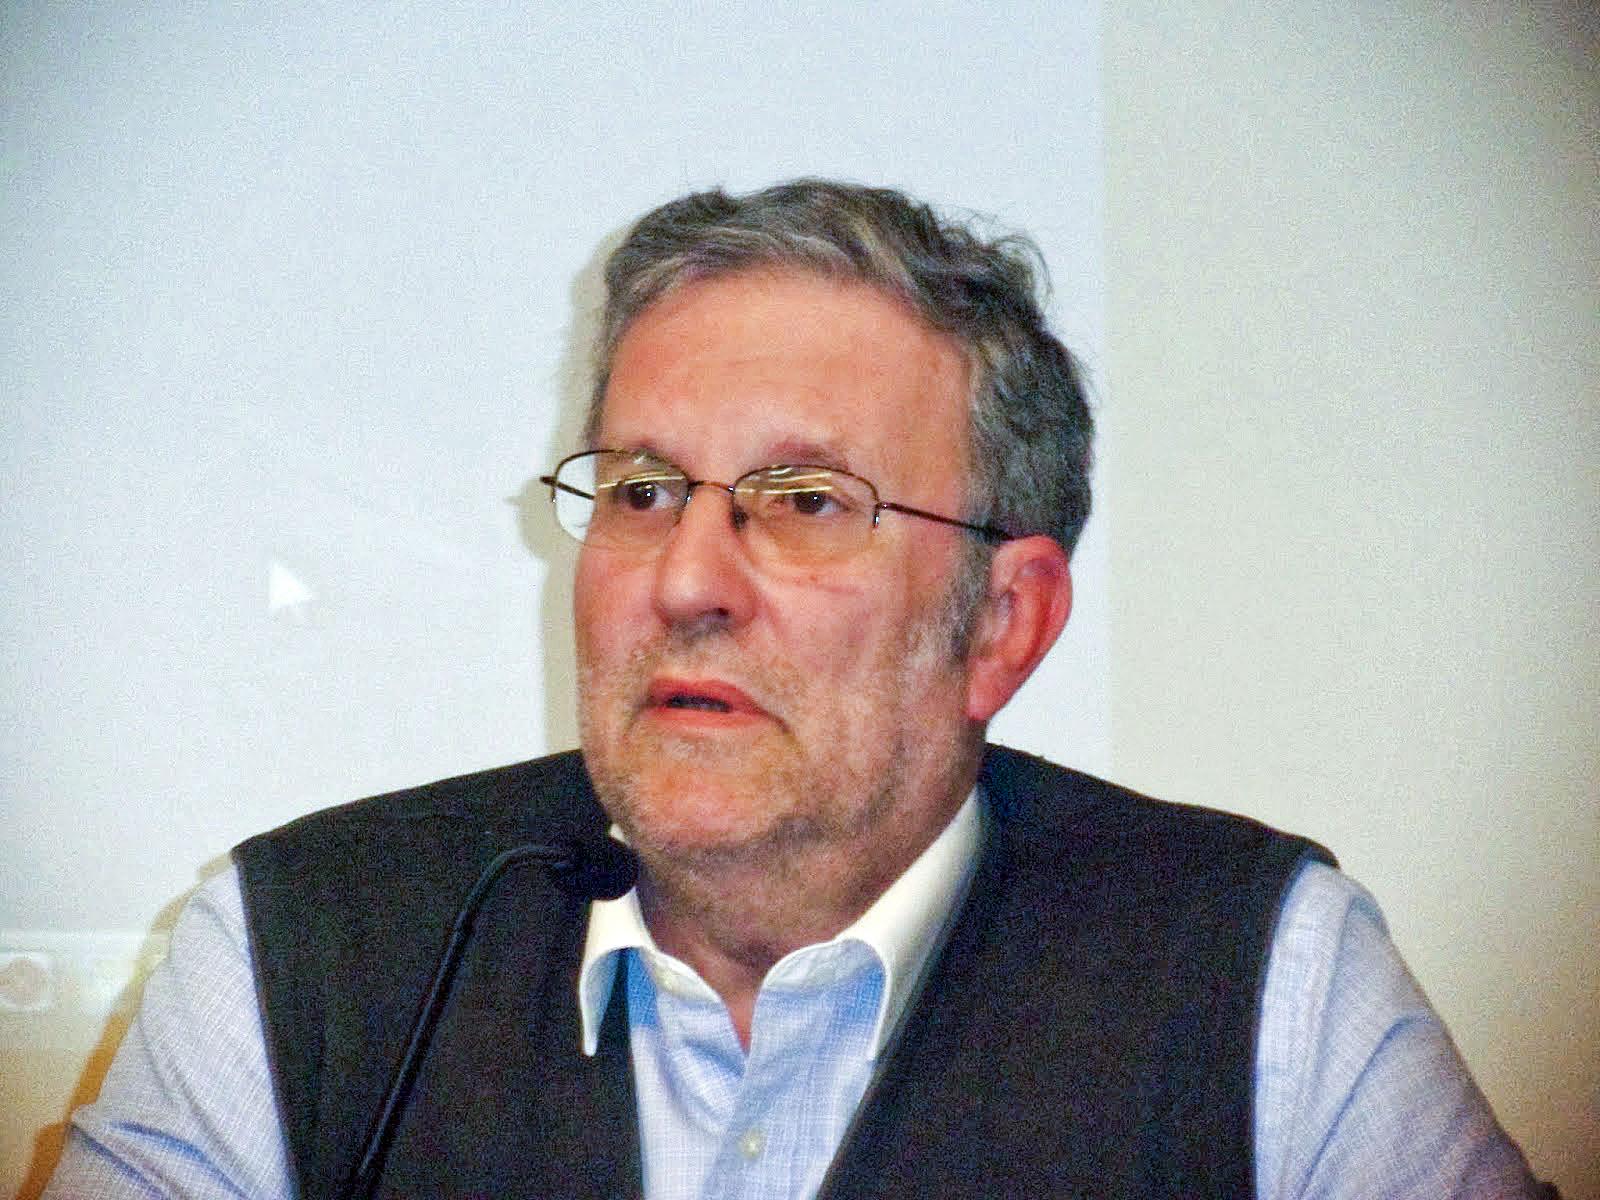 Antoni Bou